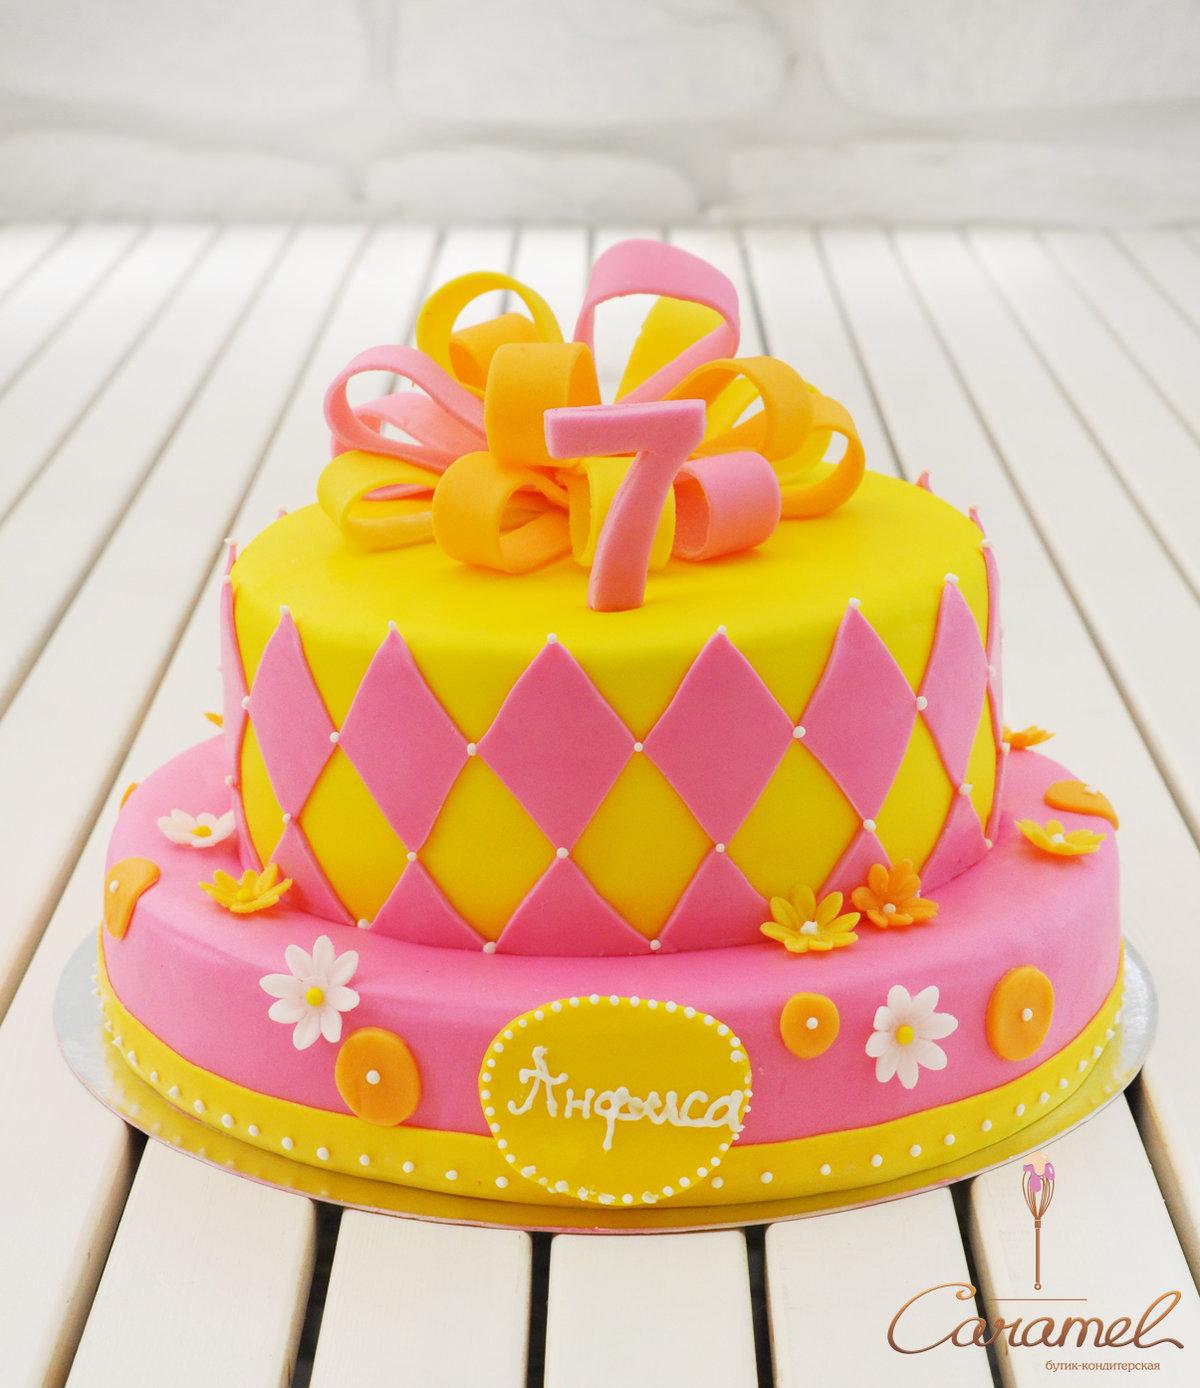 Картинки на торт для мужчины вафельные на день рождения какую